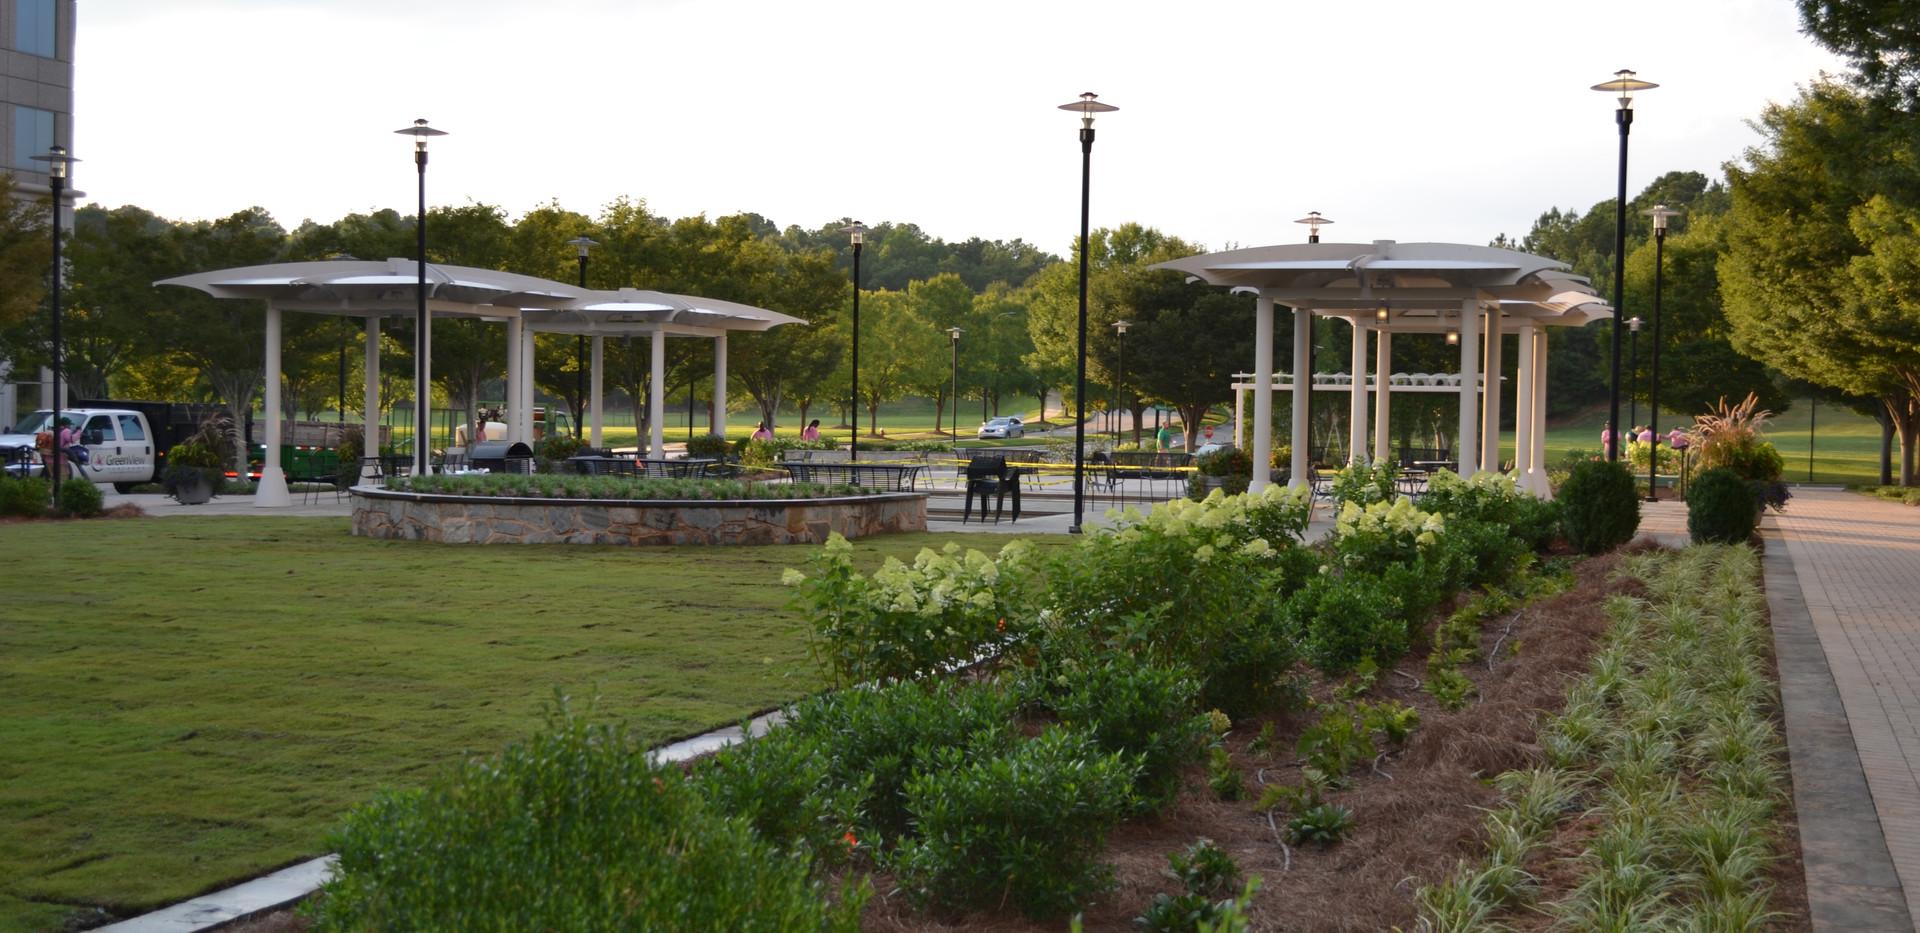 03Glenlake Plaza After.JPG